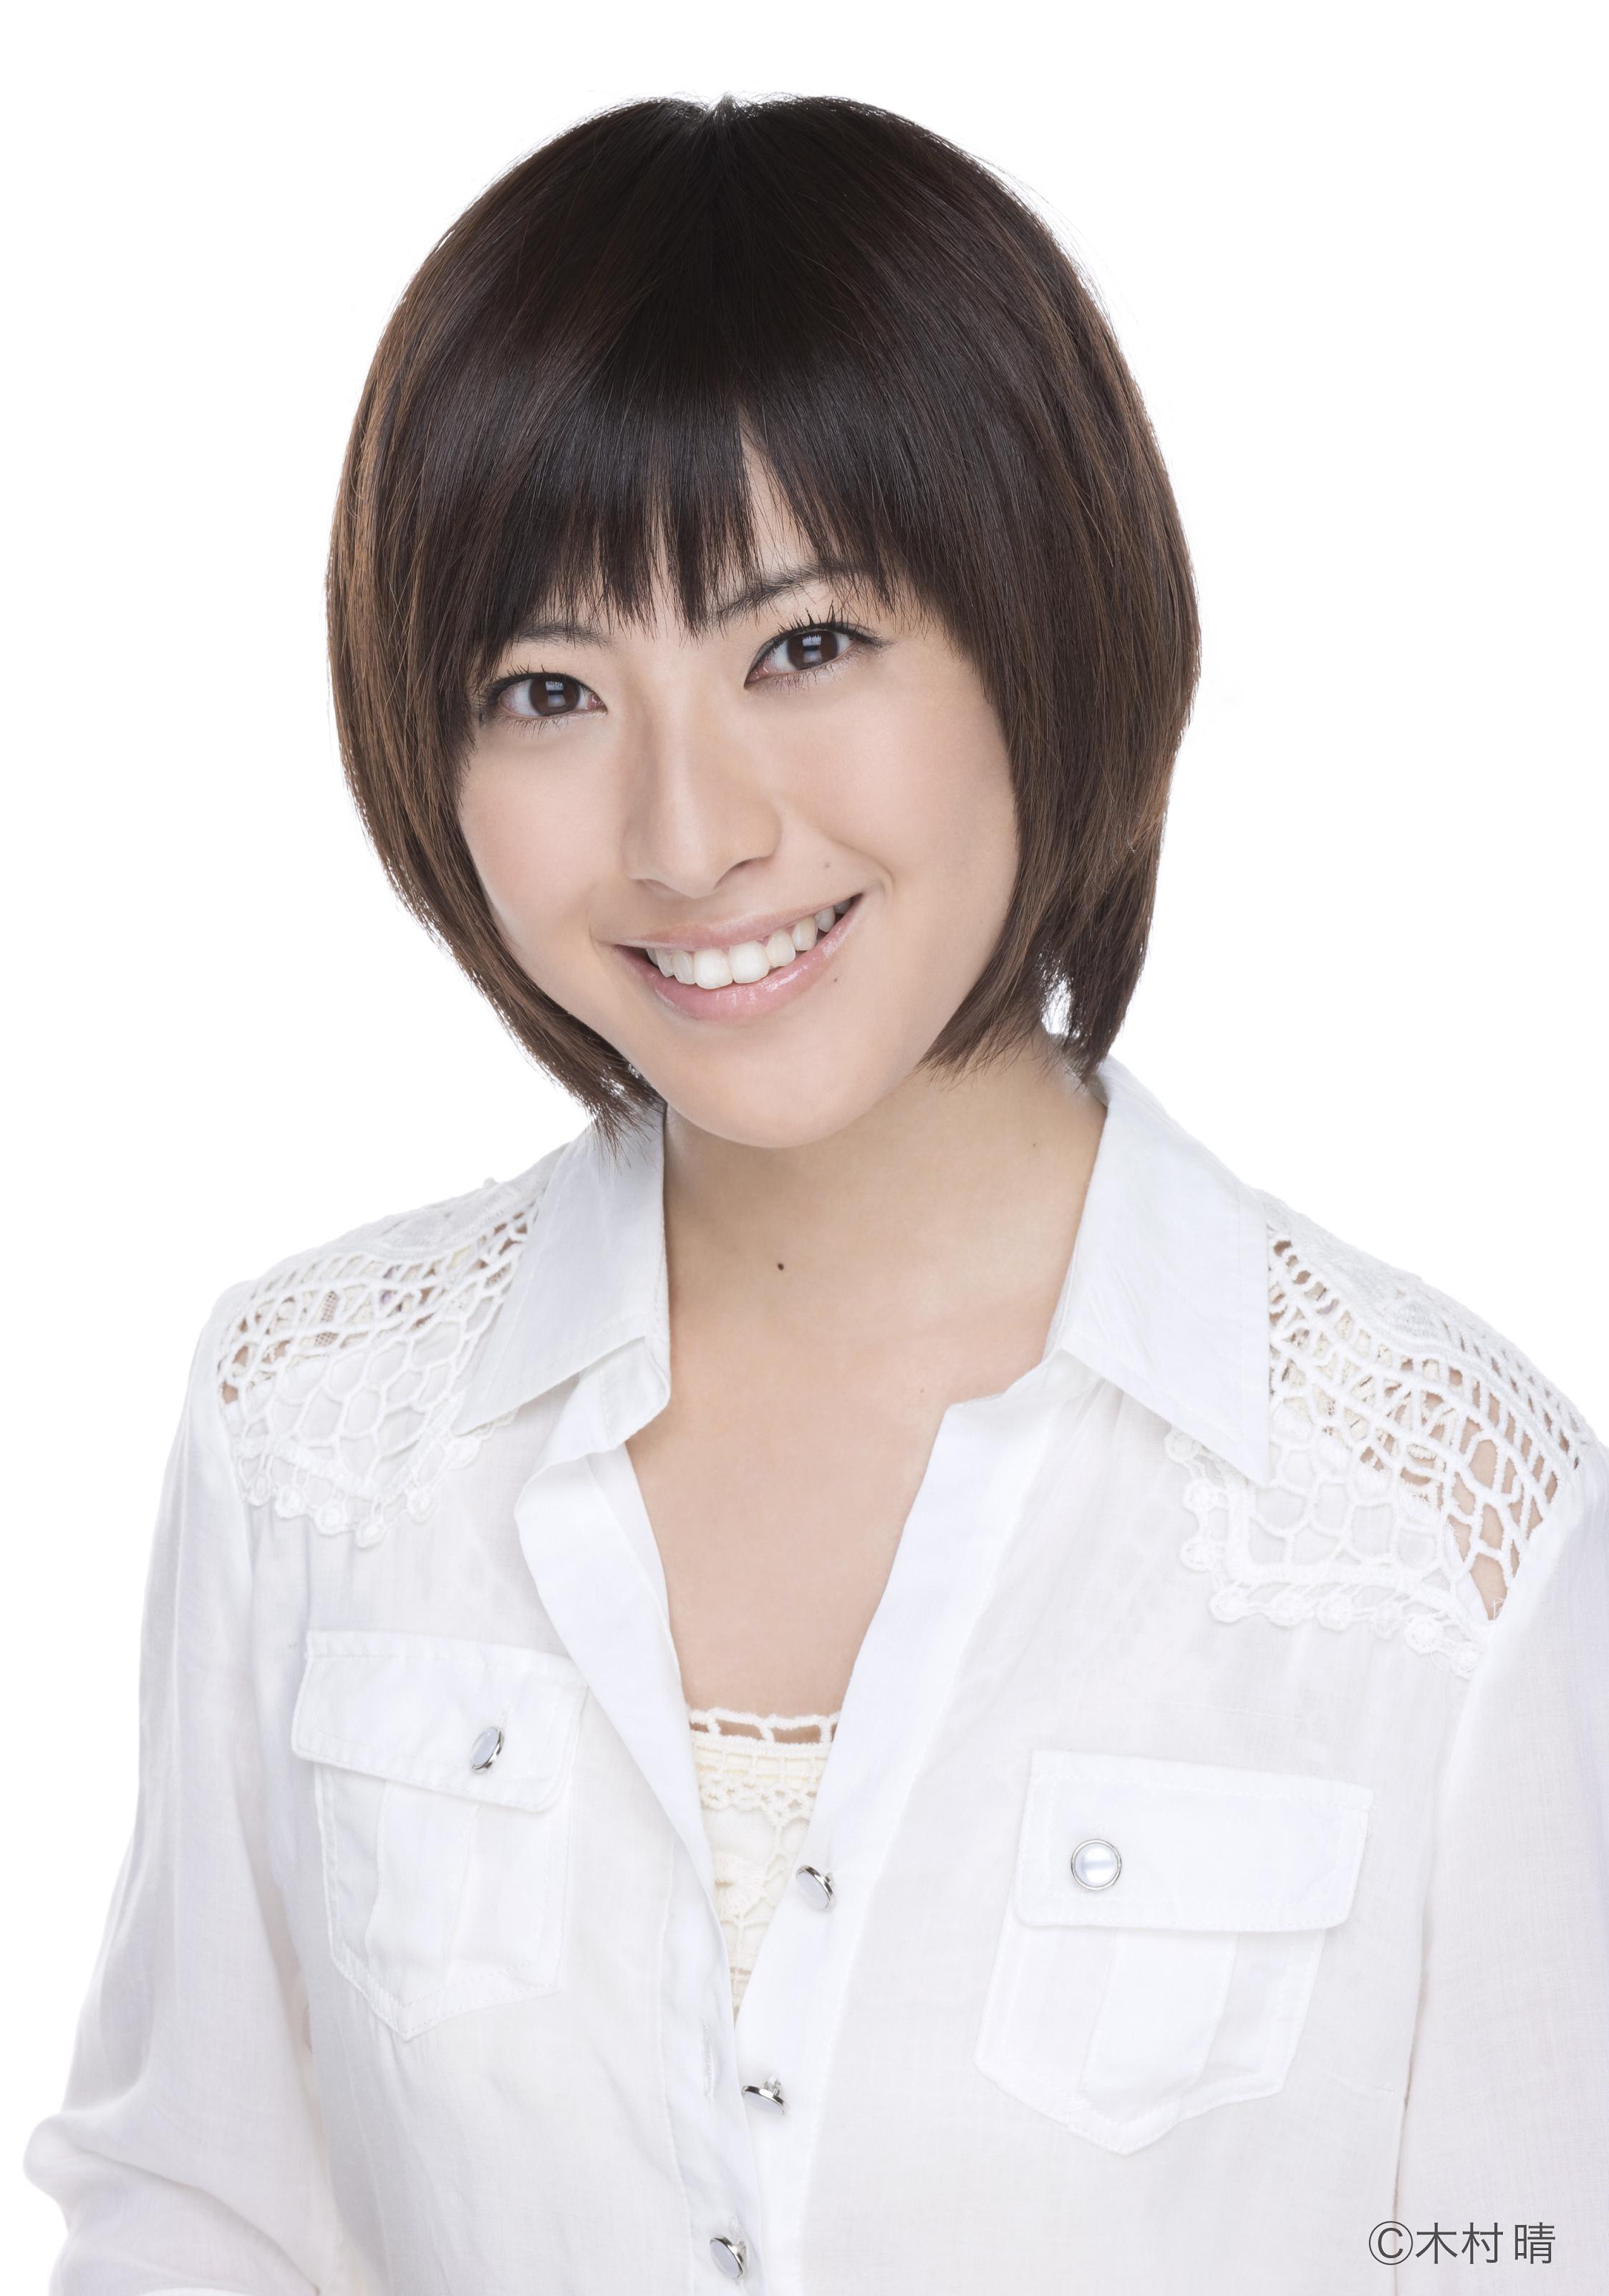 笑顔が可愛い!女優瀧本美織出演のドラマベスト5をまとめました!!のサムネイル画像